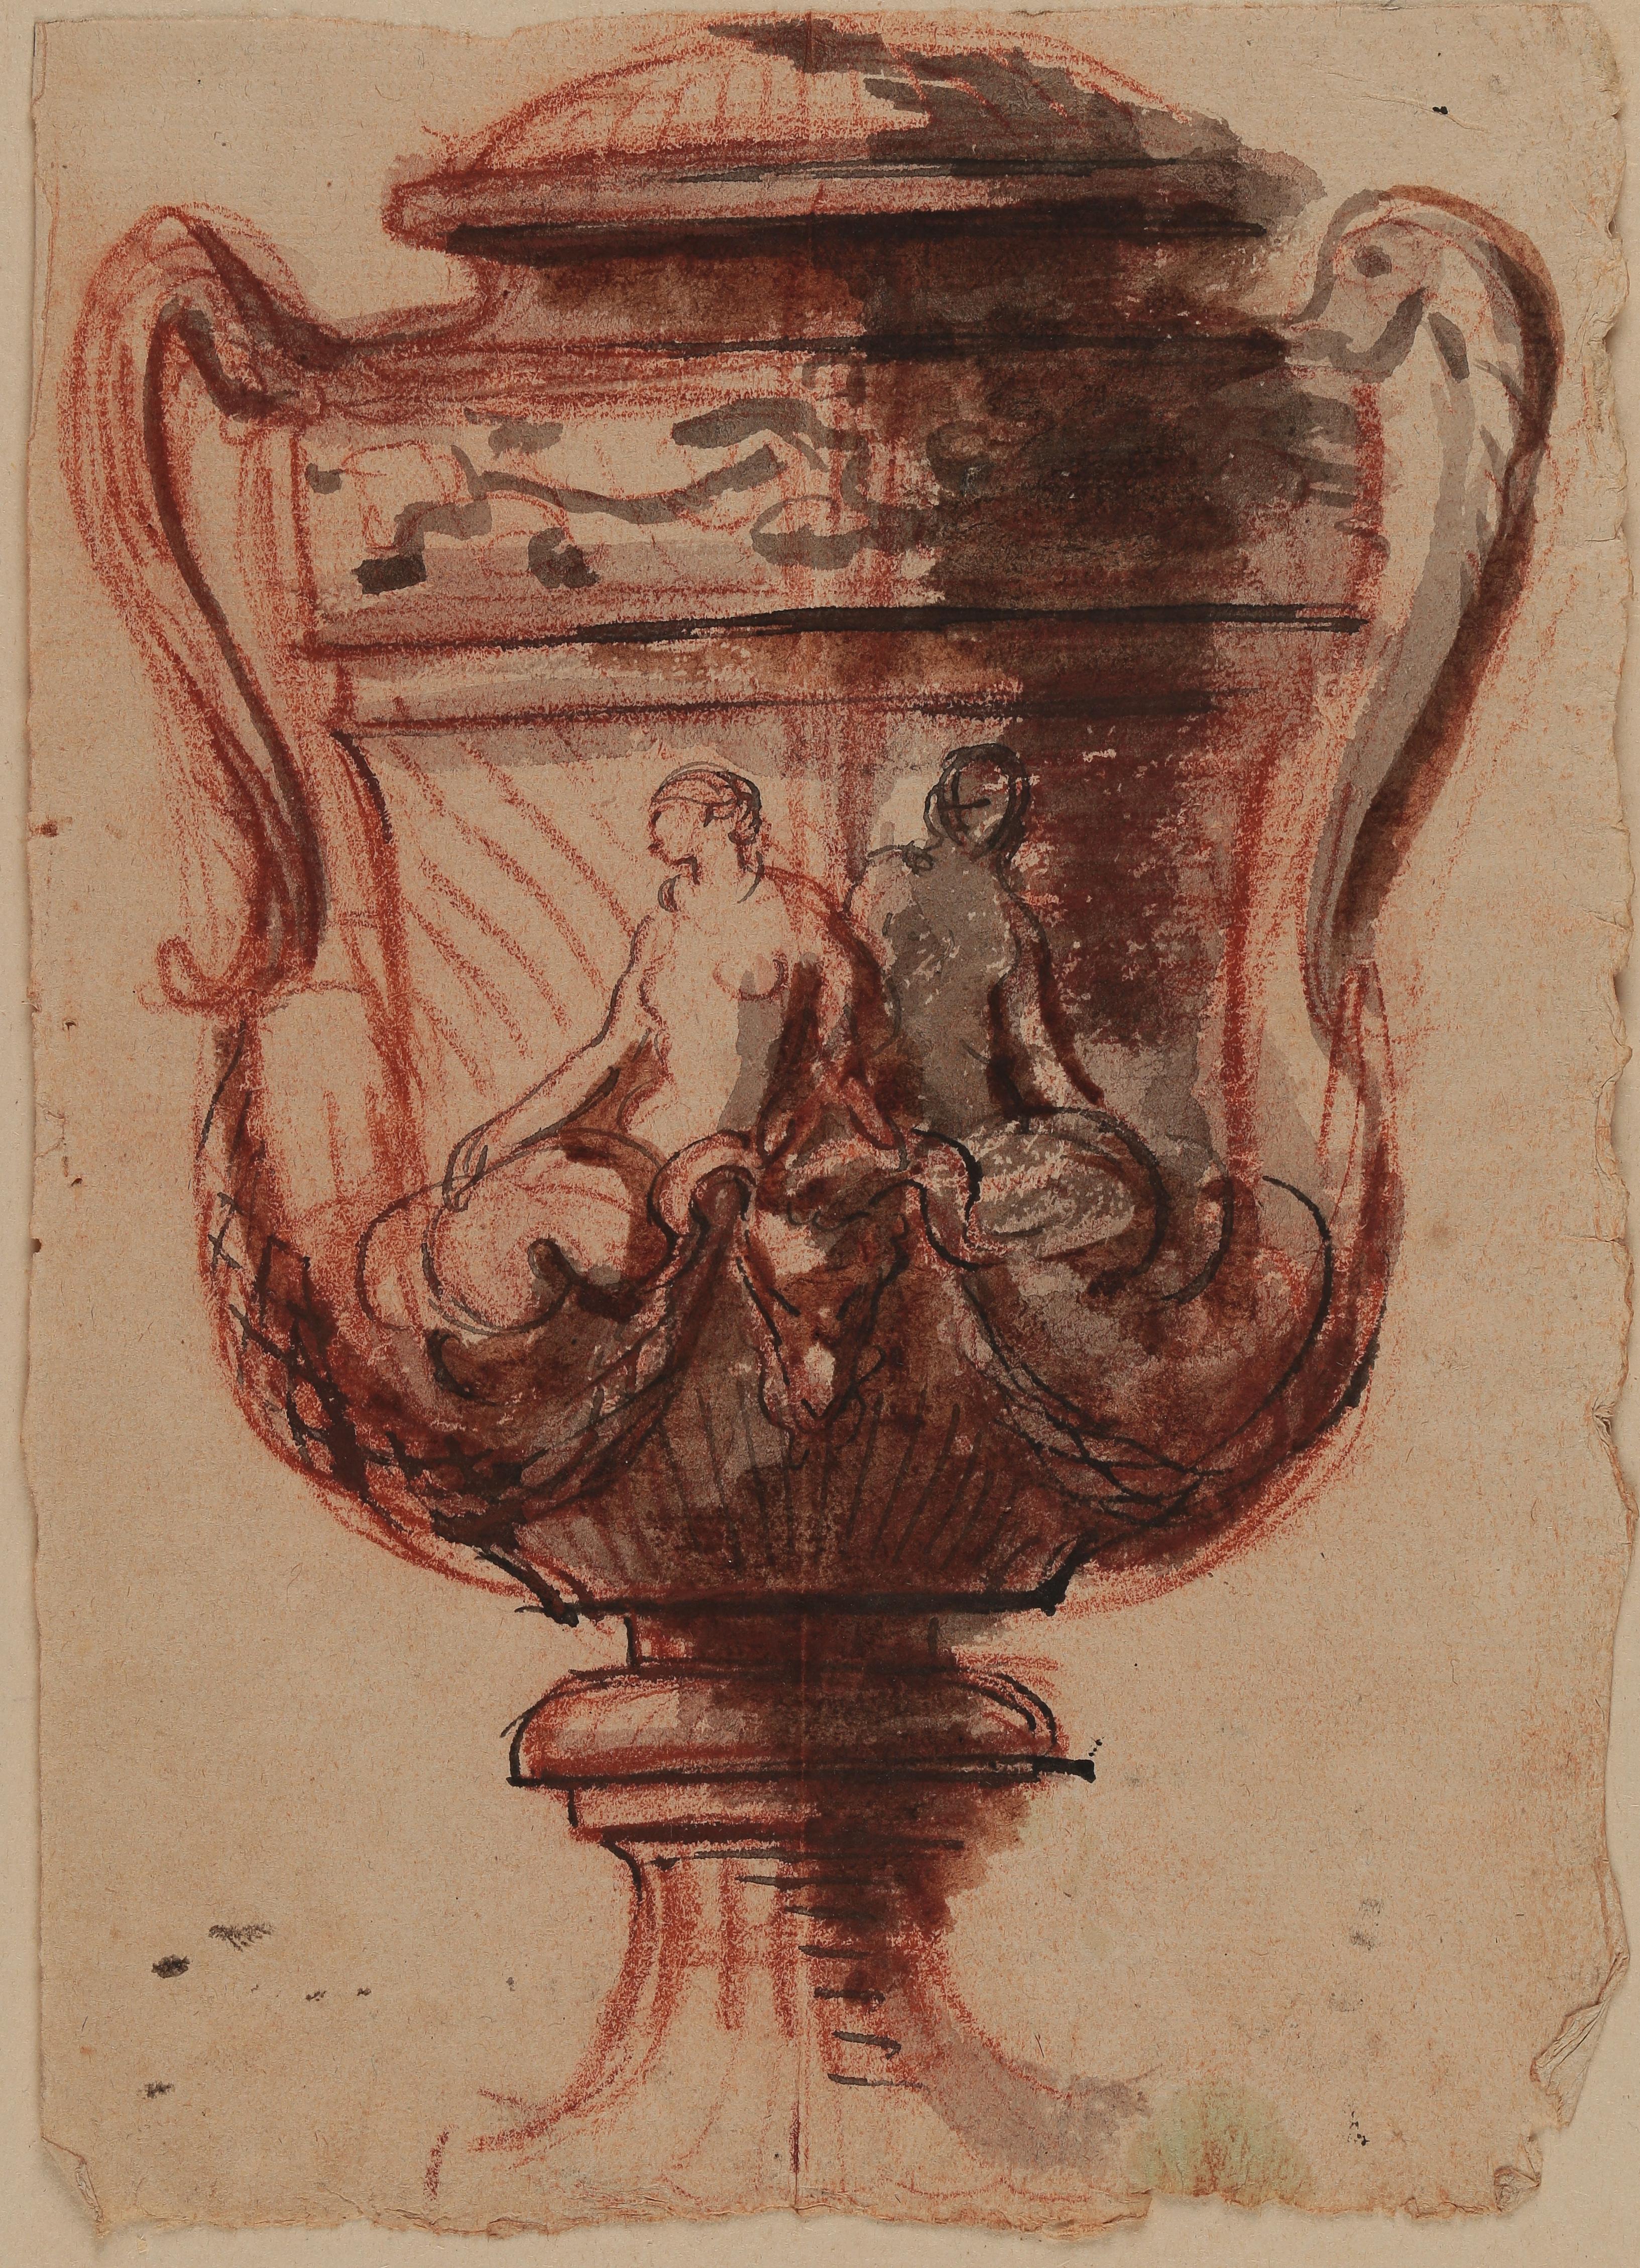 Louis-Claude Vassé, Entwurf einer Vase, Rötel, Feder mit schwarzer Tinte, grau laviert, Abklatsch von rechts nach links, Graphische Sammlung, Wallraf-Richartz-Museum & Fondation Corboud, Köln, Foto: Dieter Bongartz